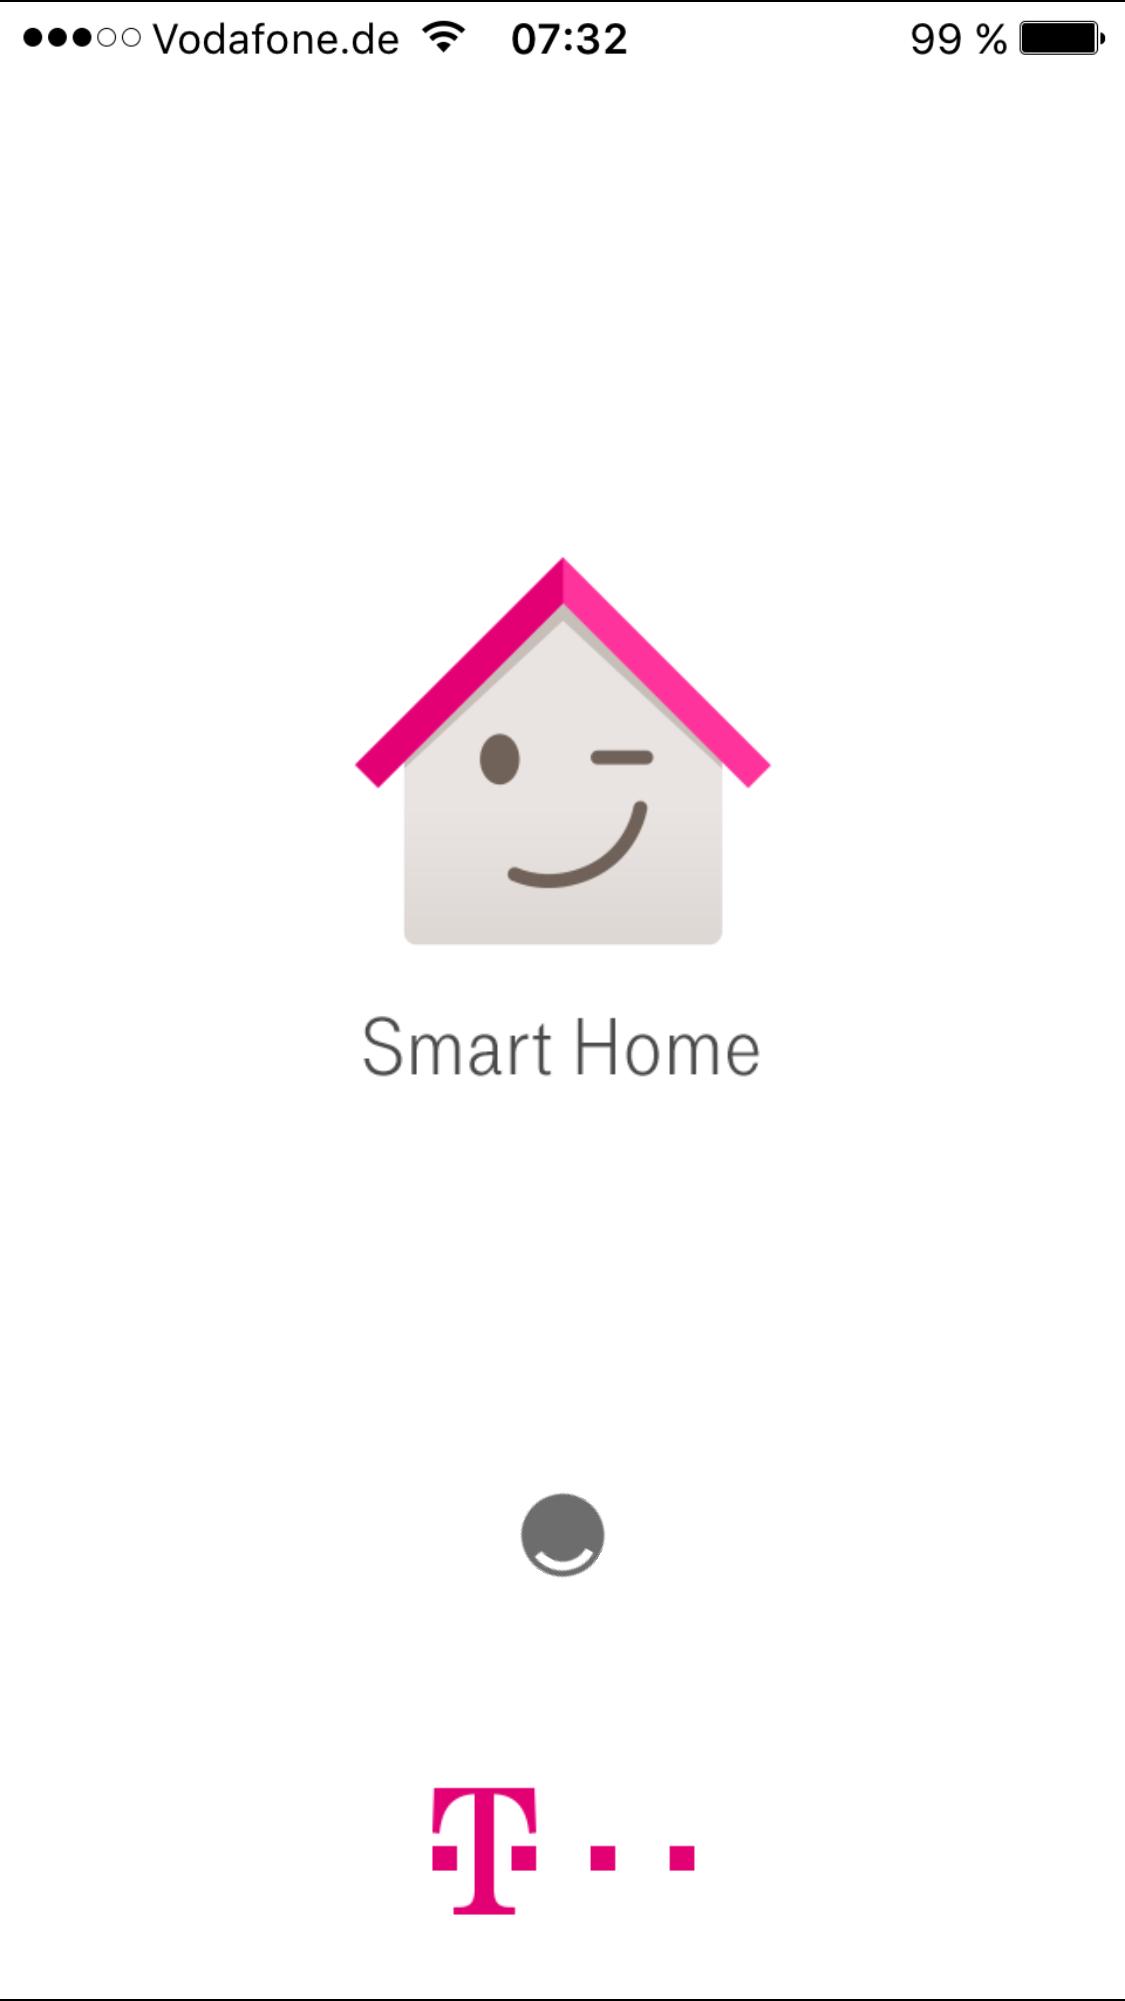 gel st st rungsmeldung smart home telekom hilft community. Black Bedroom Furniture Sets. Home Design Ideas